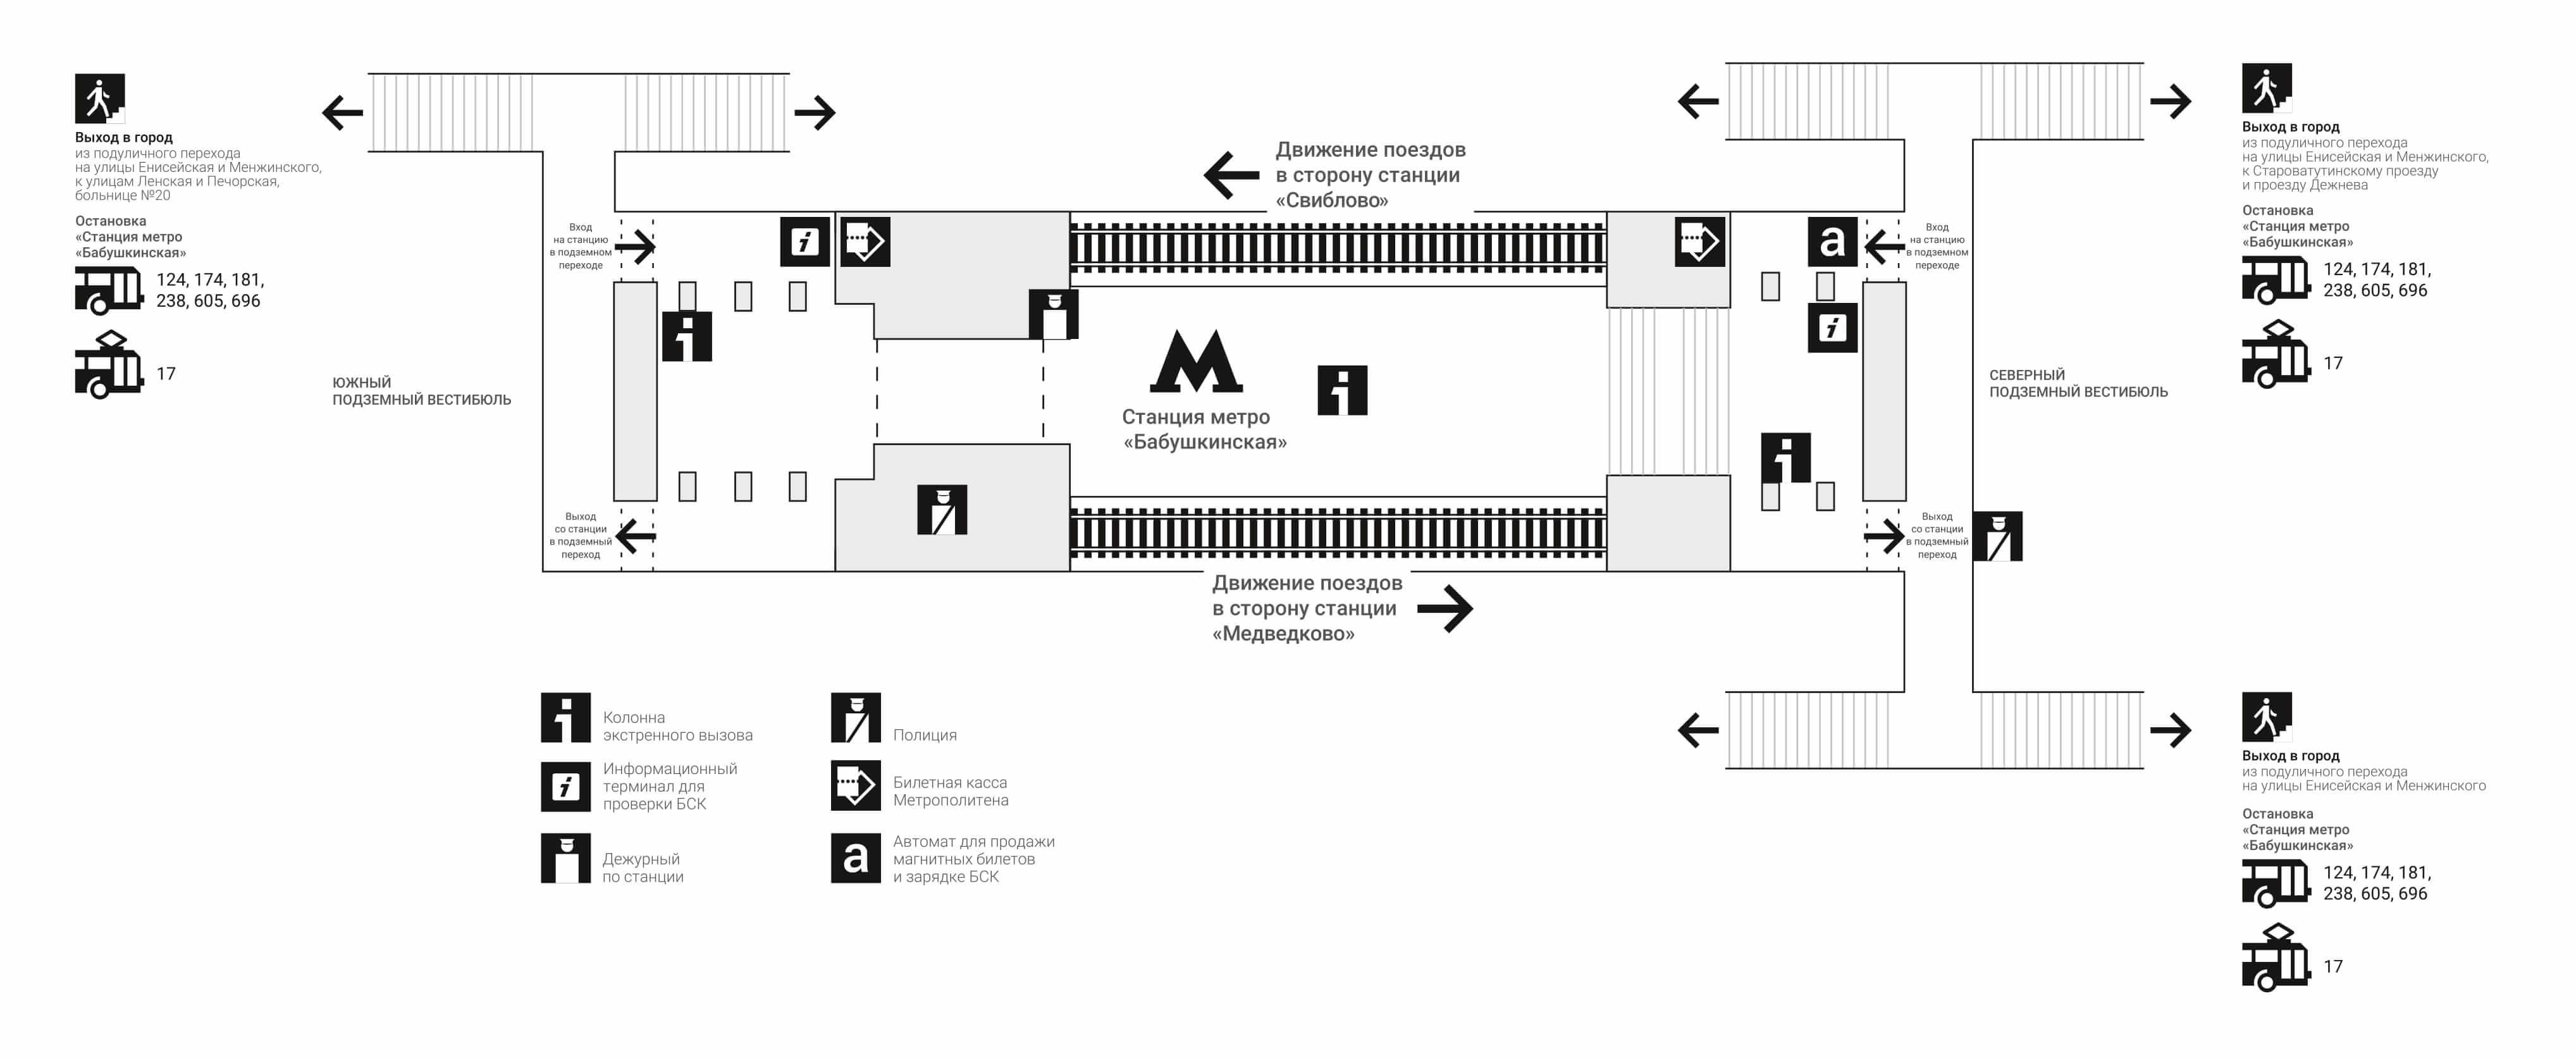 Схема станции ботанический сад